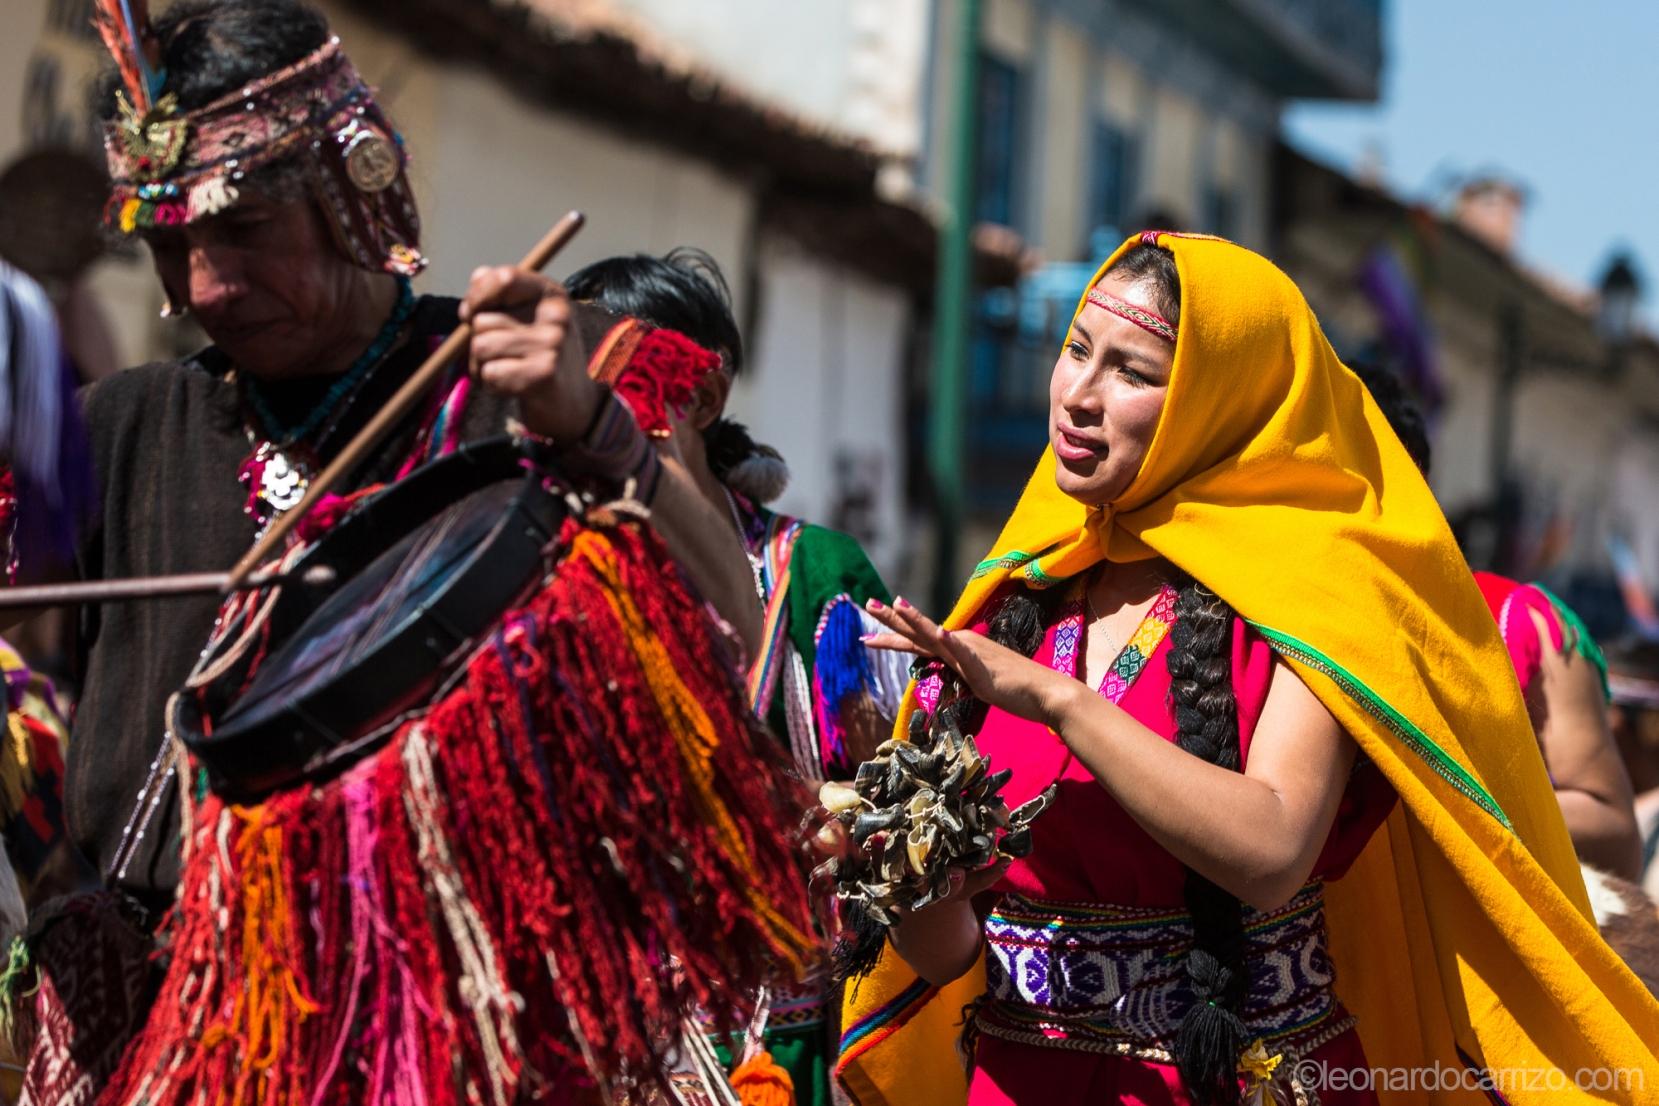 Inti-Raymi celebration, Cusco, Peru. photo by Leonardo Carrizo